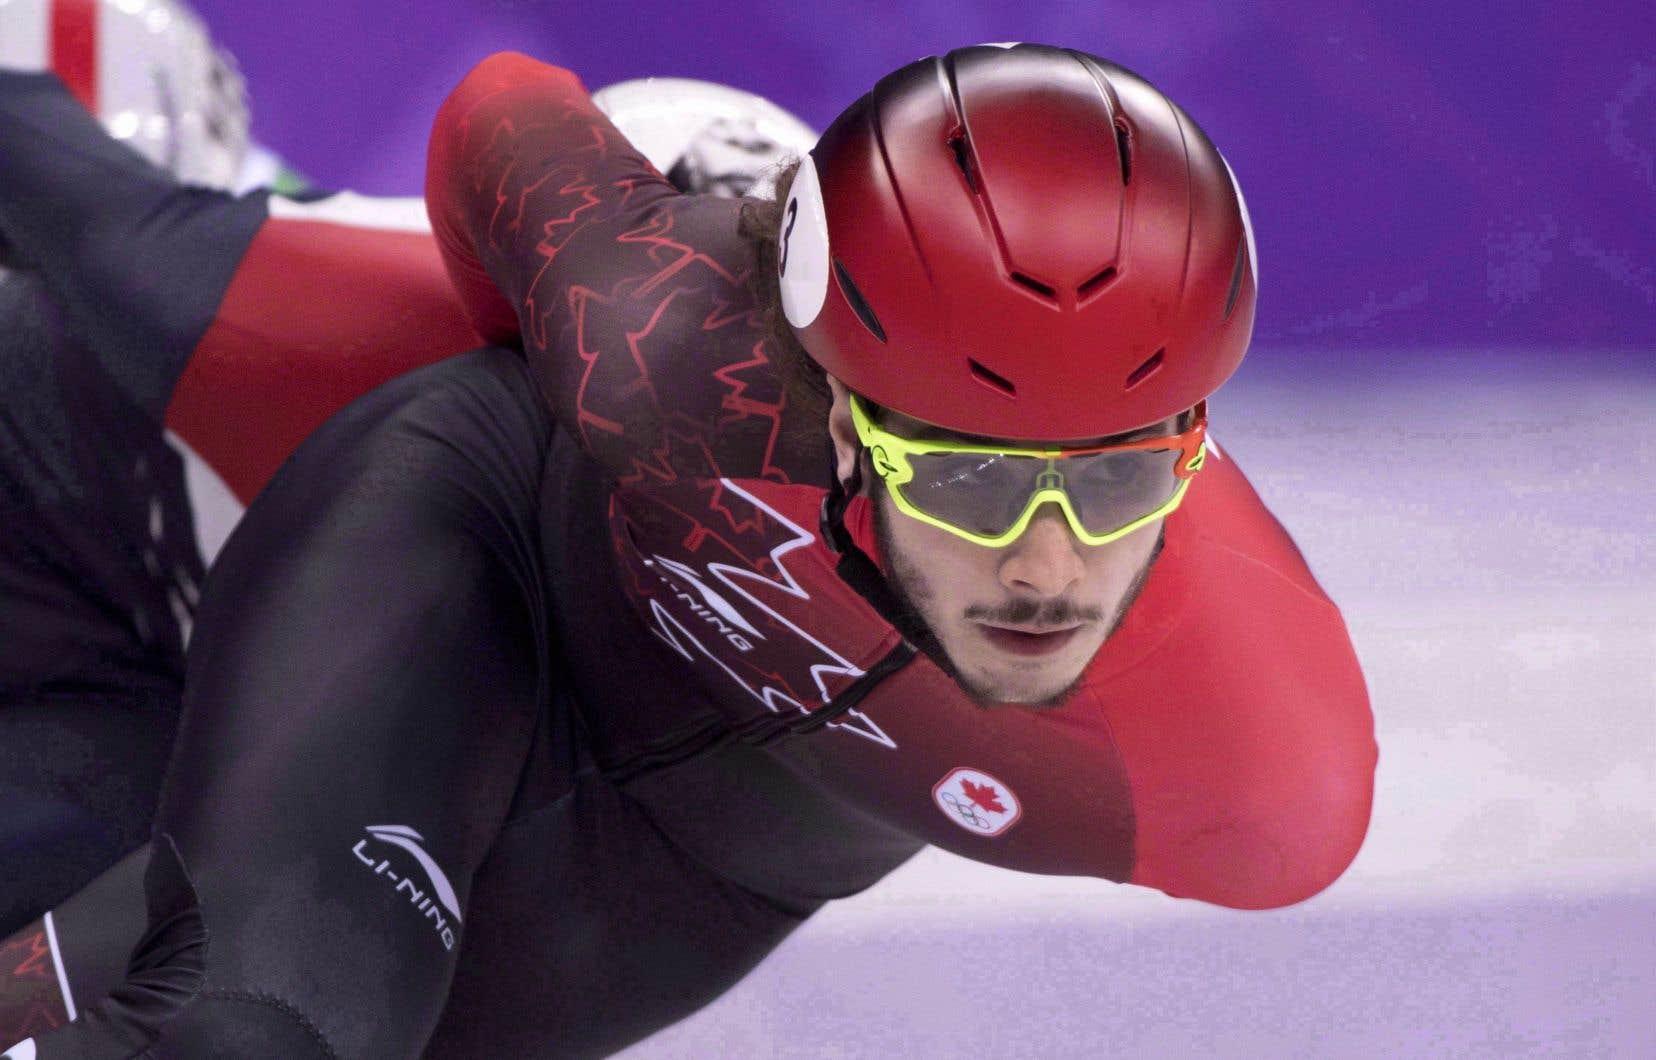 Le Canadien Samuel Girard, de Ferland-et-Boilleau, a obtenu l'or au 500m.